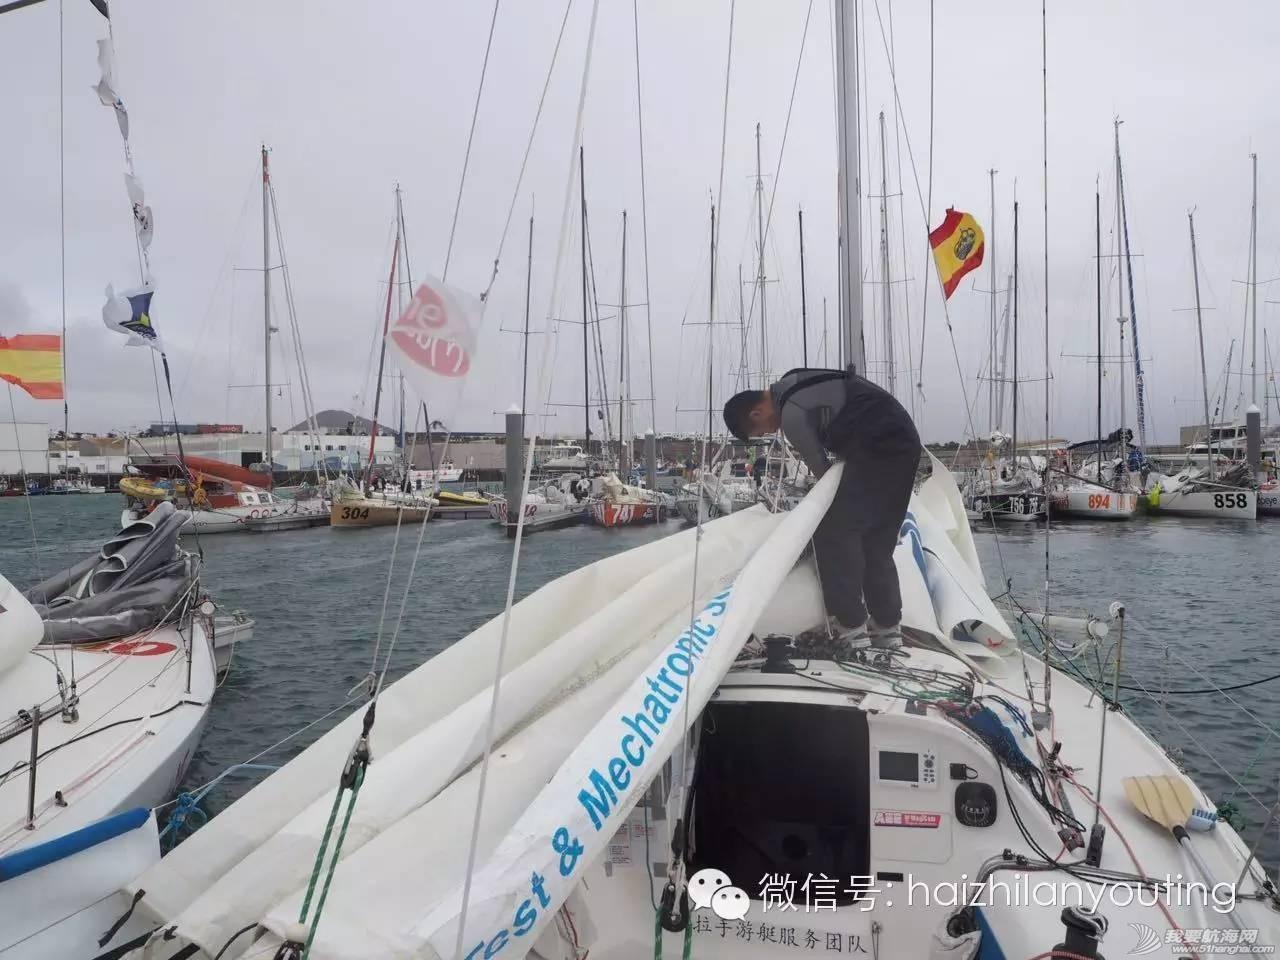 大西洋,中国海,朋友,决战 京坤在MINI TRANSAT | Mini transat第二赛段起航,决战大西洋 187e30a5bab0c11921f026ccc4d6f6b7.jpg